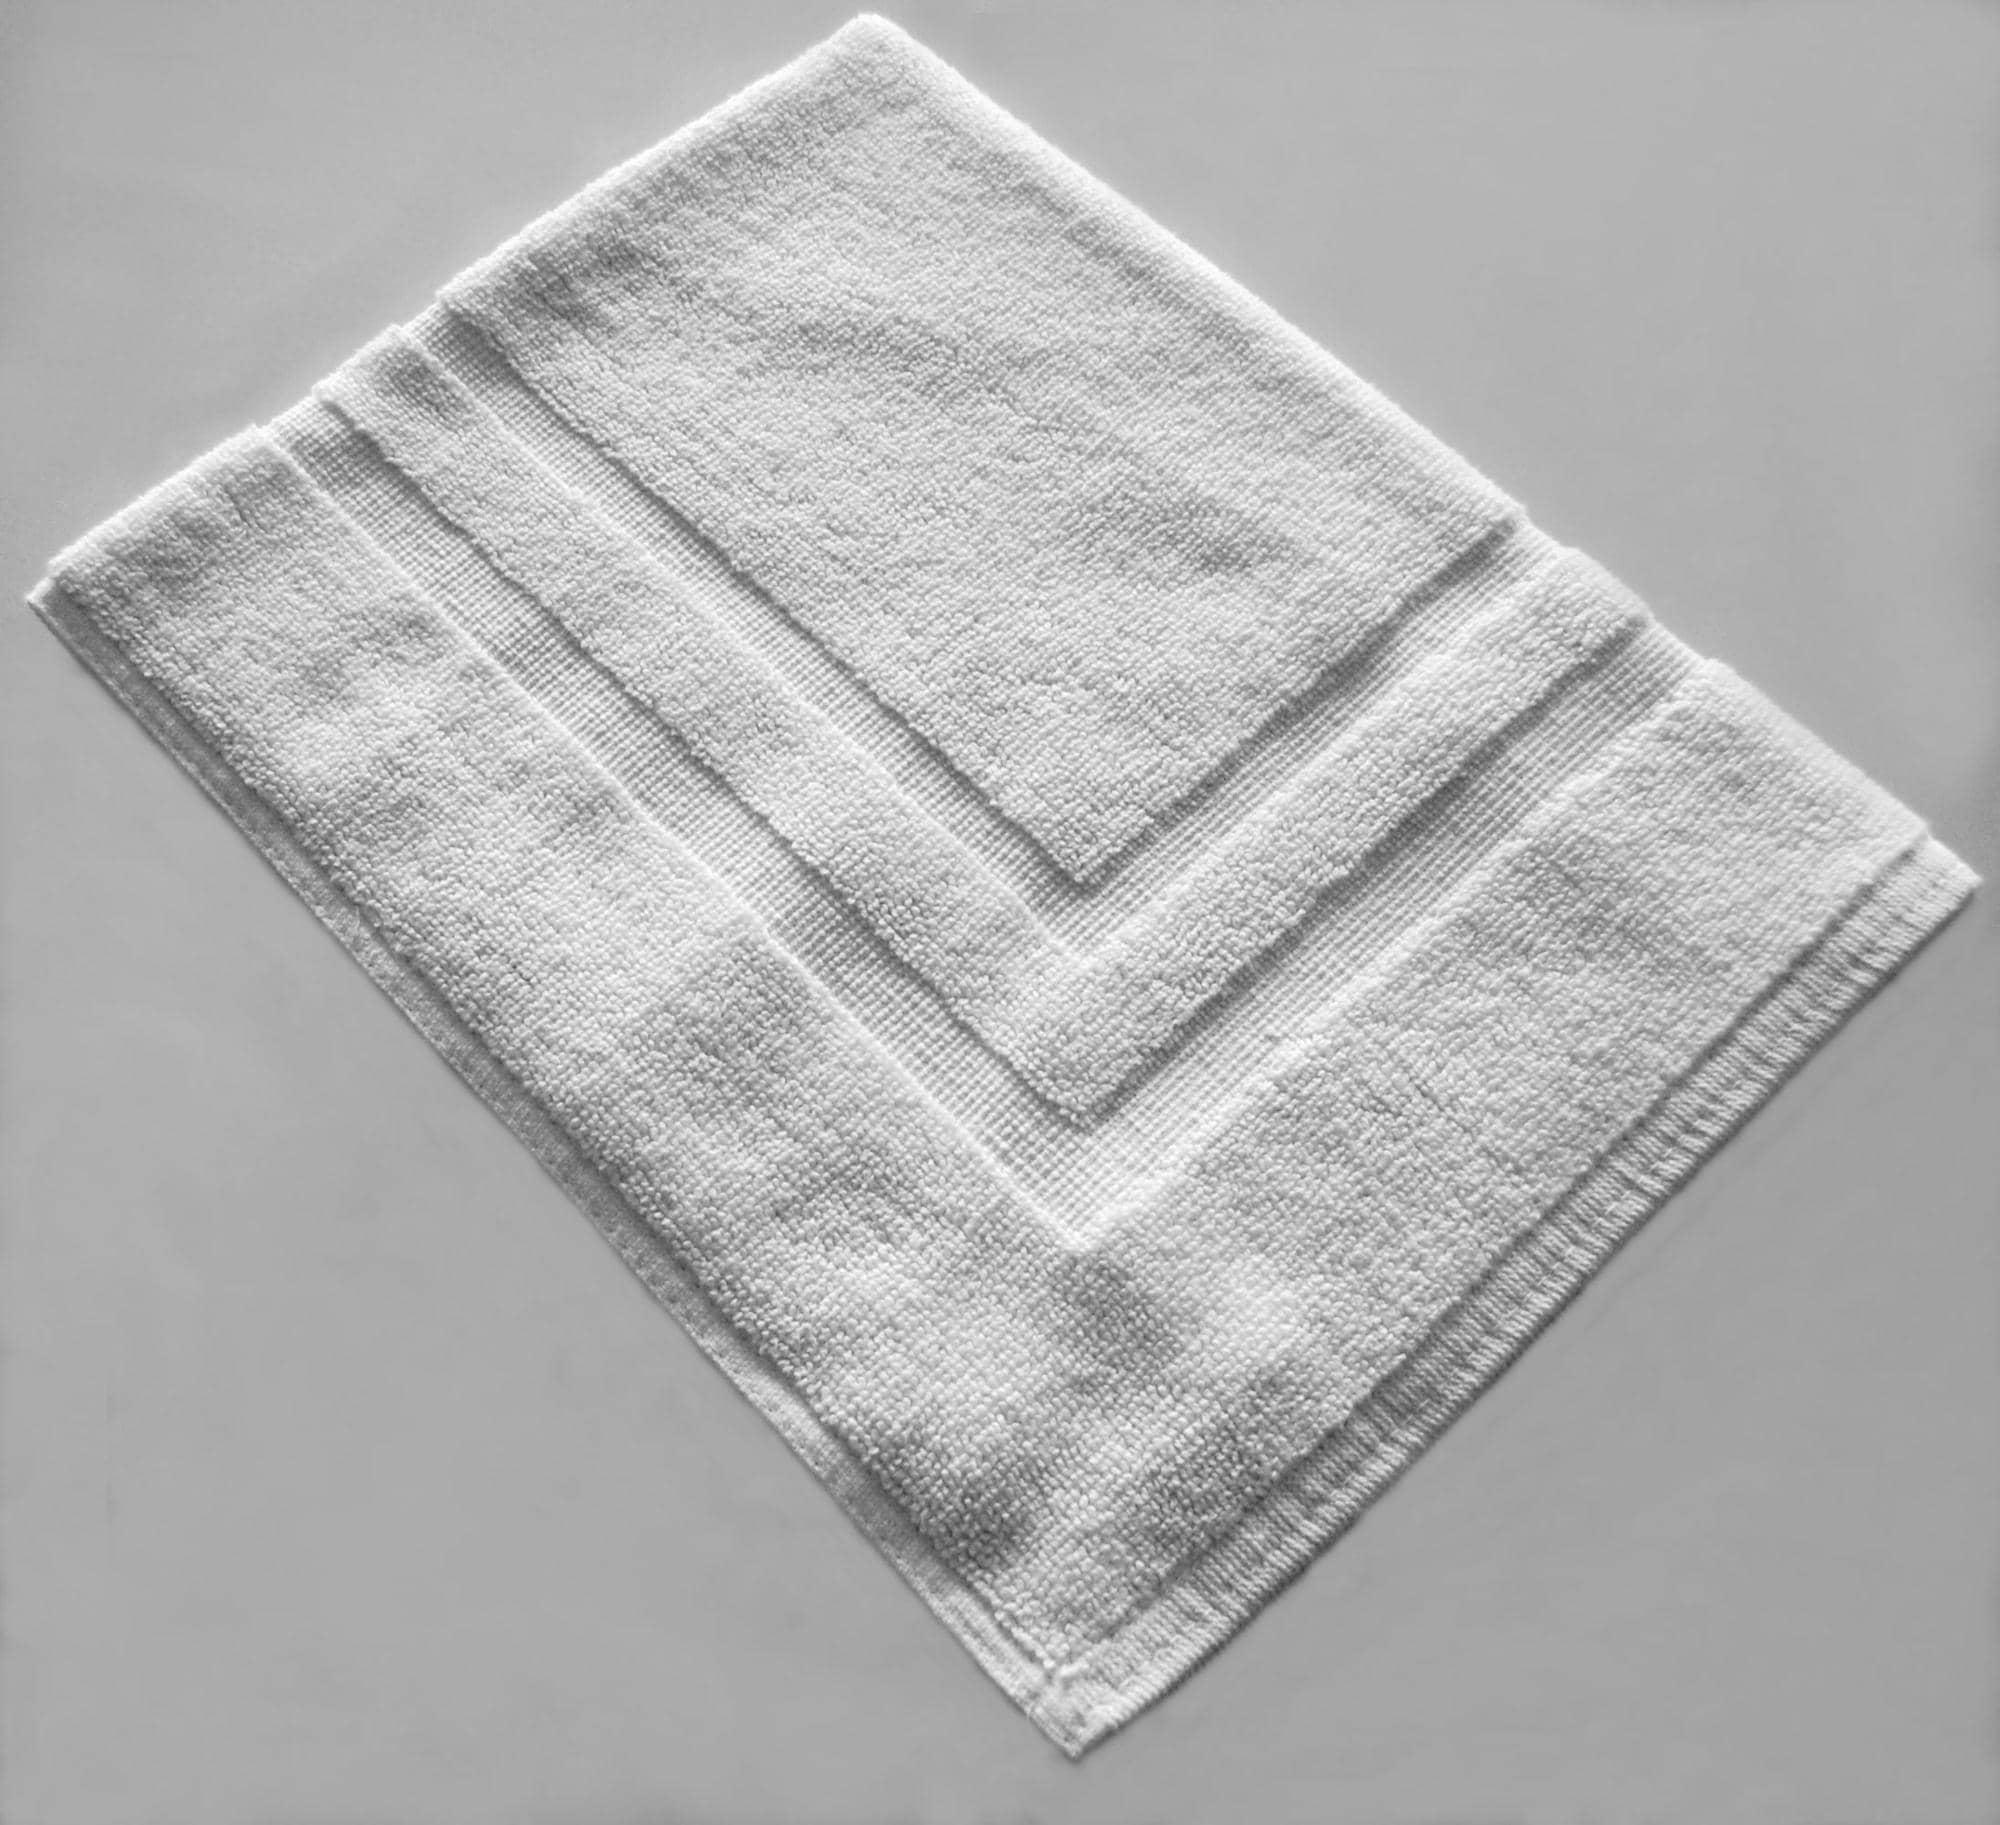 con scolapiatti e tappetino per scolapiatti e scolapiatti pieghevoli Luamex/® con eBook grigio Tappetino antigoccia in microfibra di alta qualit/à